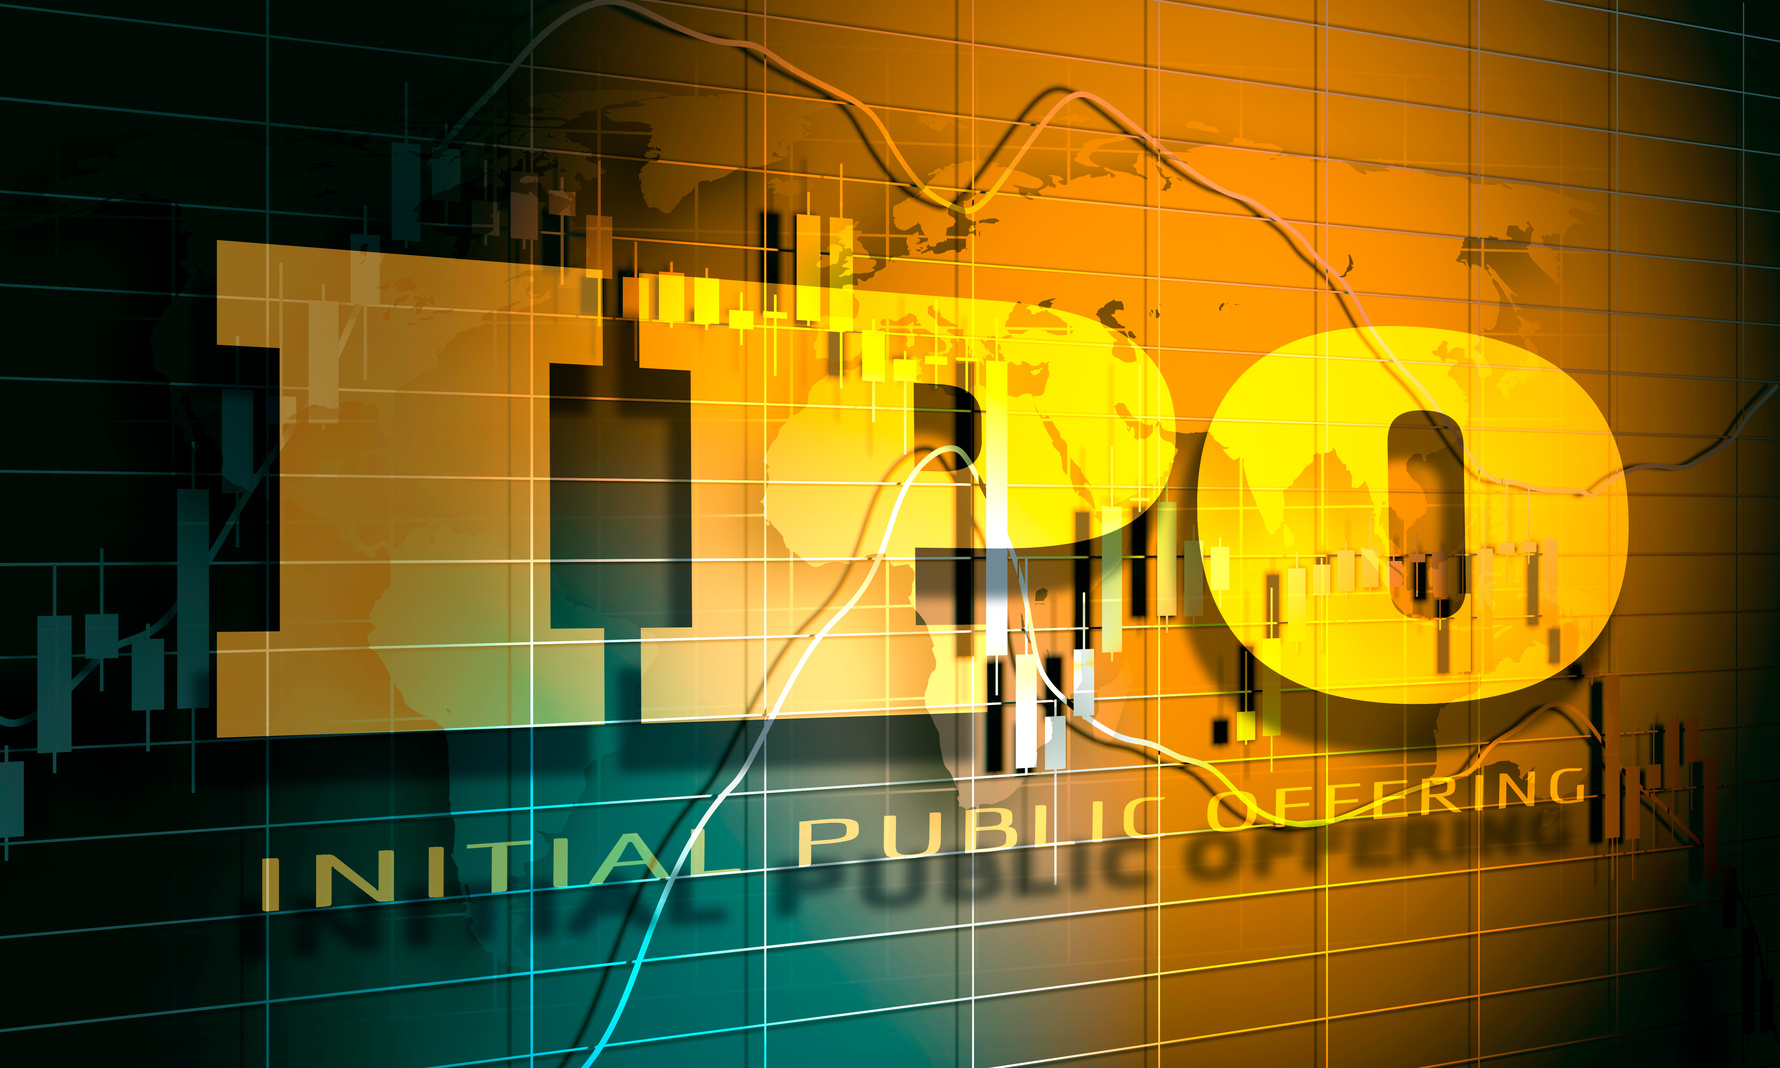 【IPOの全て】失敗しない新規公開株投資!おすすめのネット証券会社とこれから上場する株の買い方(抽選申し込み)を解説。